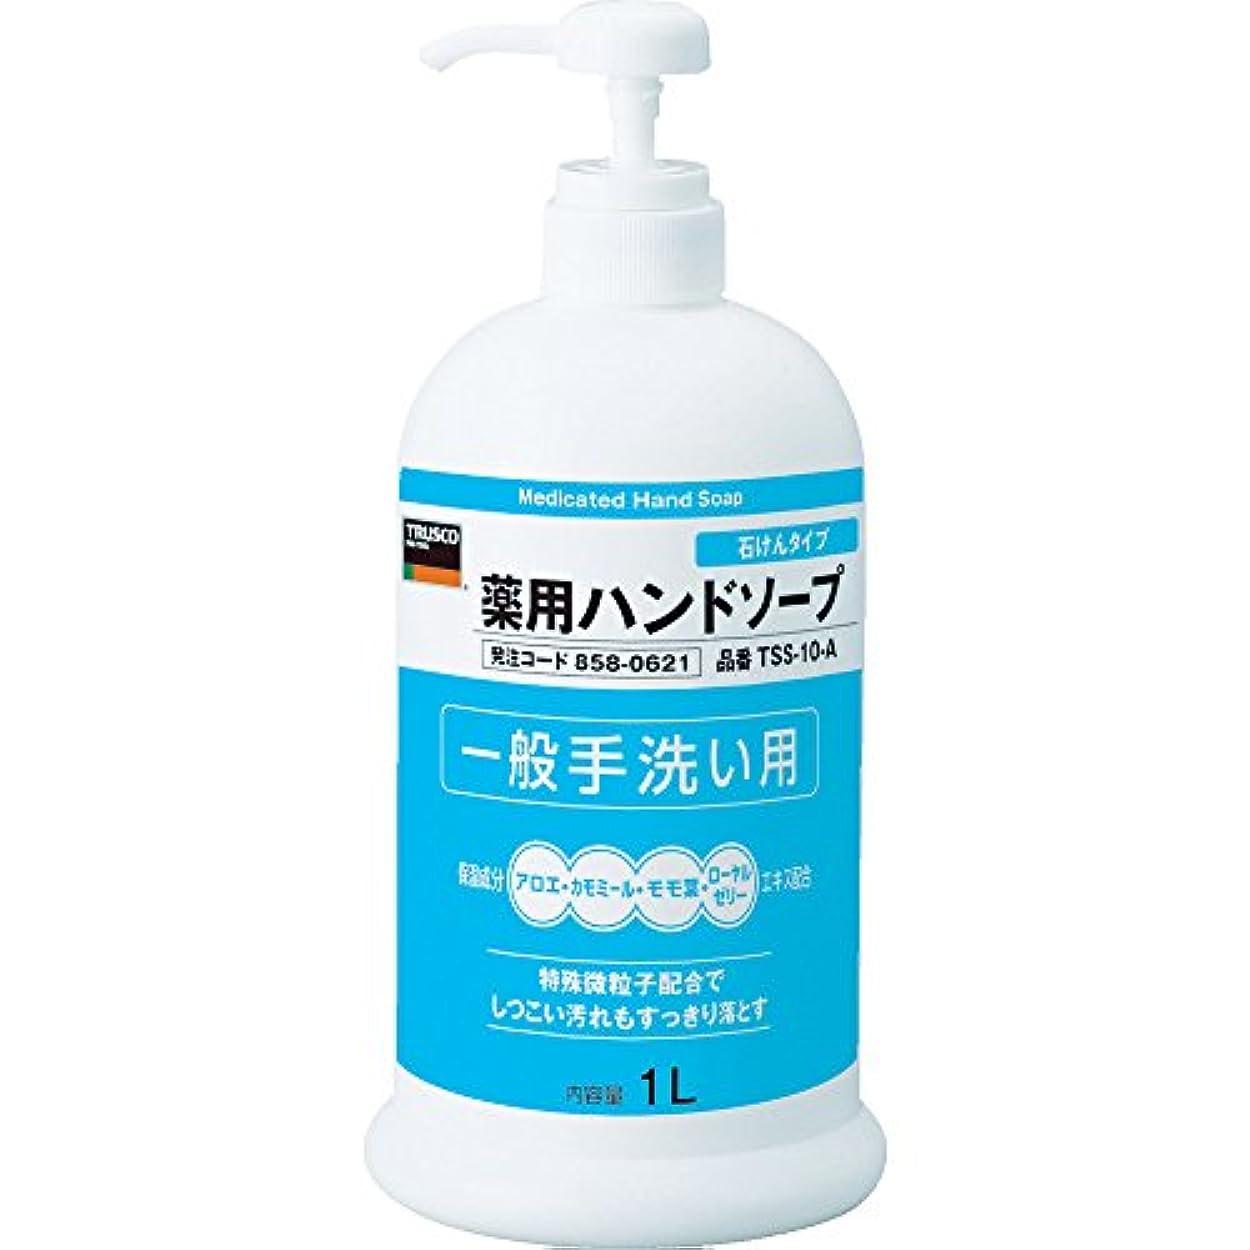 ディレイ国家衣服TRUSCO(トラスコ) 薬用ハンドソープ 石けんタイプ ポンプボトル 1.0L TSS-10-A